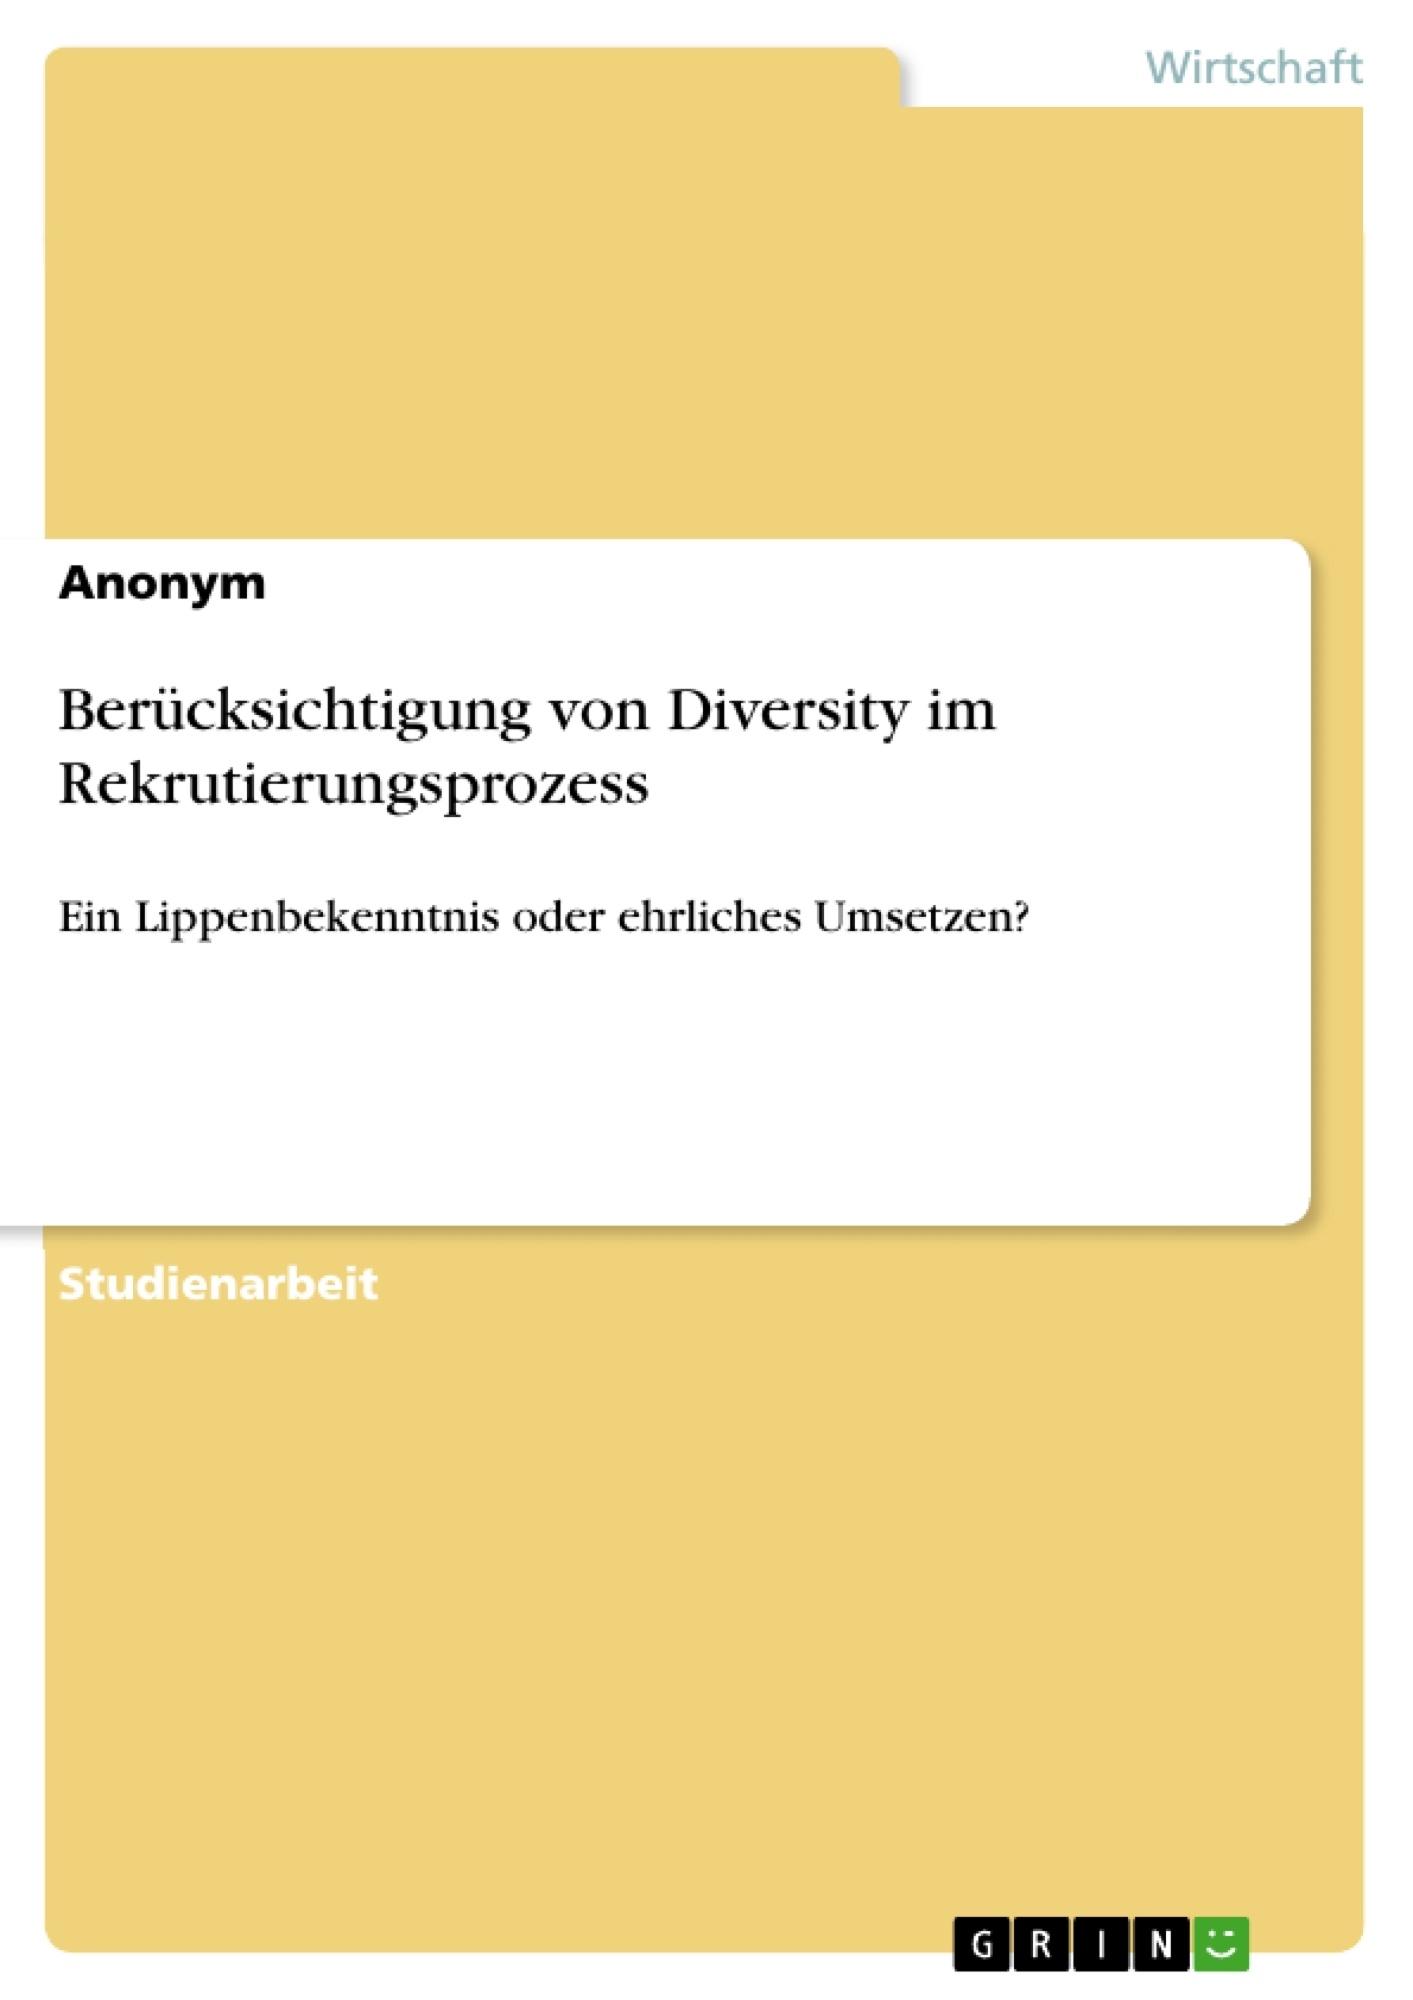 Titel: Berücksichtigung von Diversity im Rekrutierungsprozess